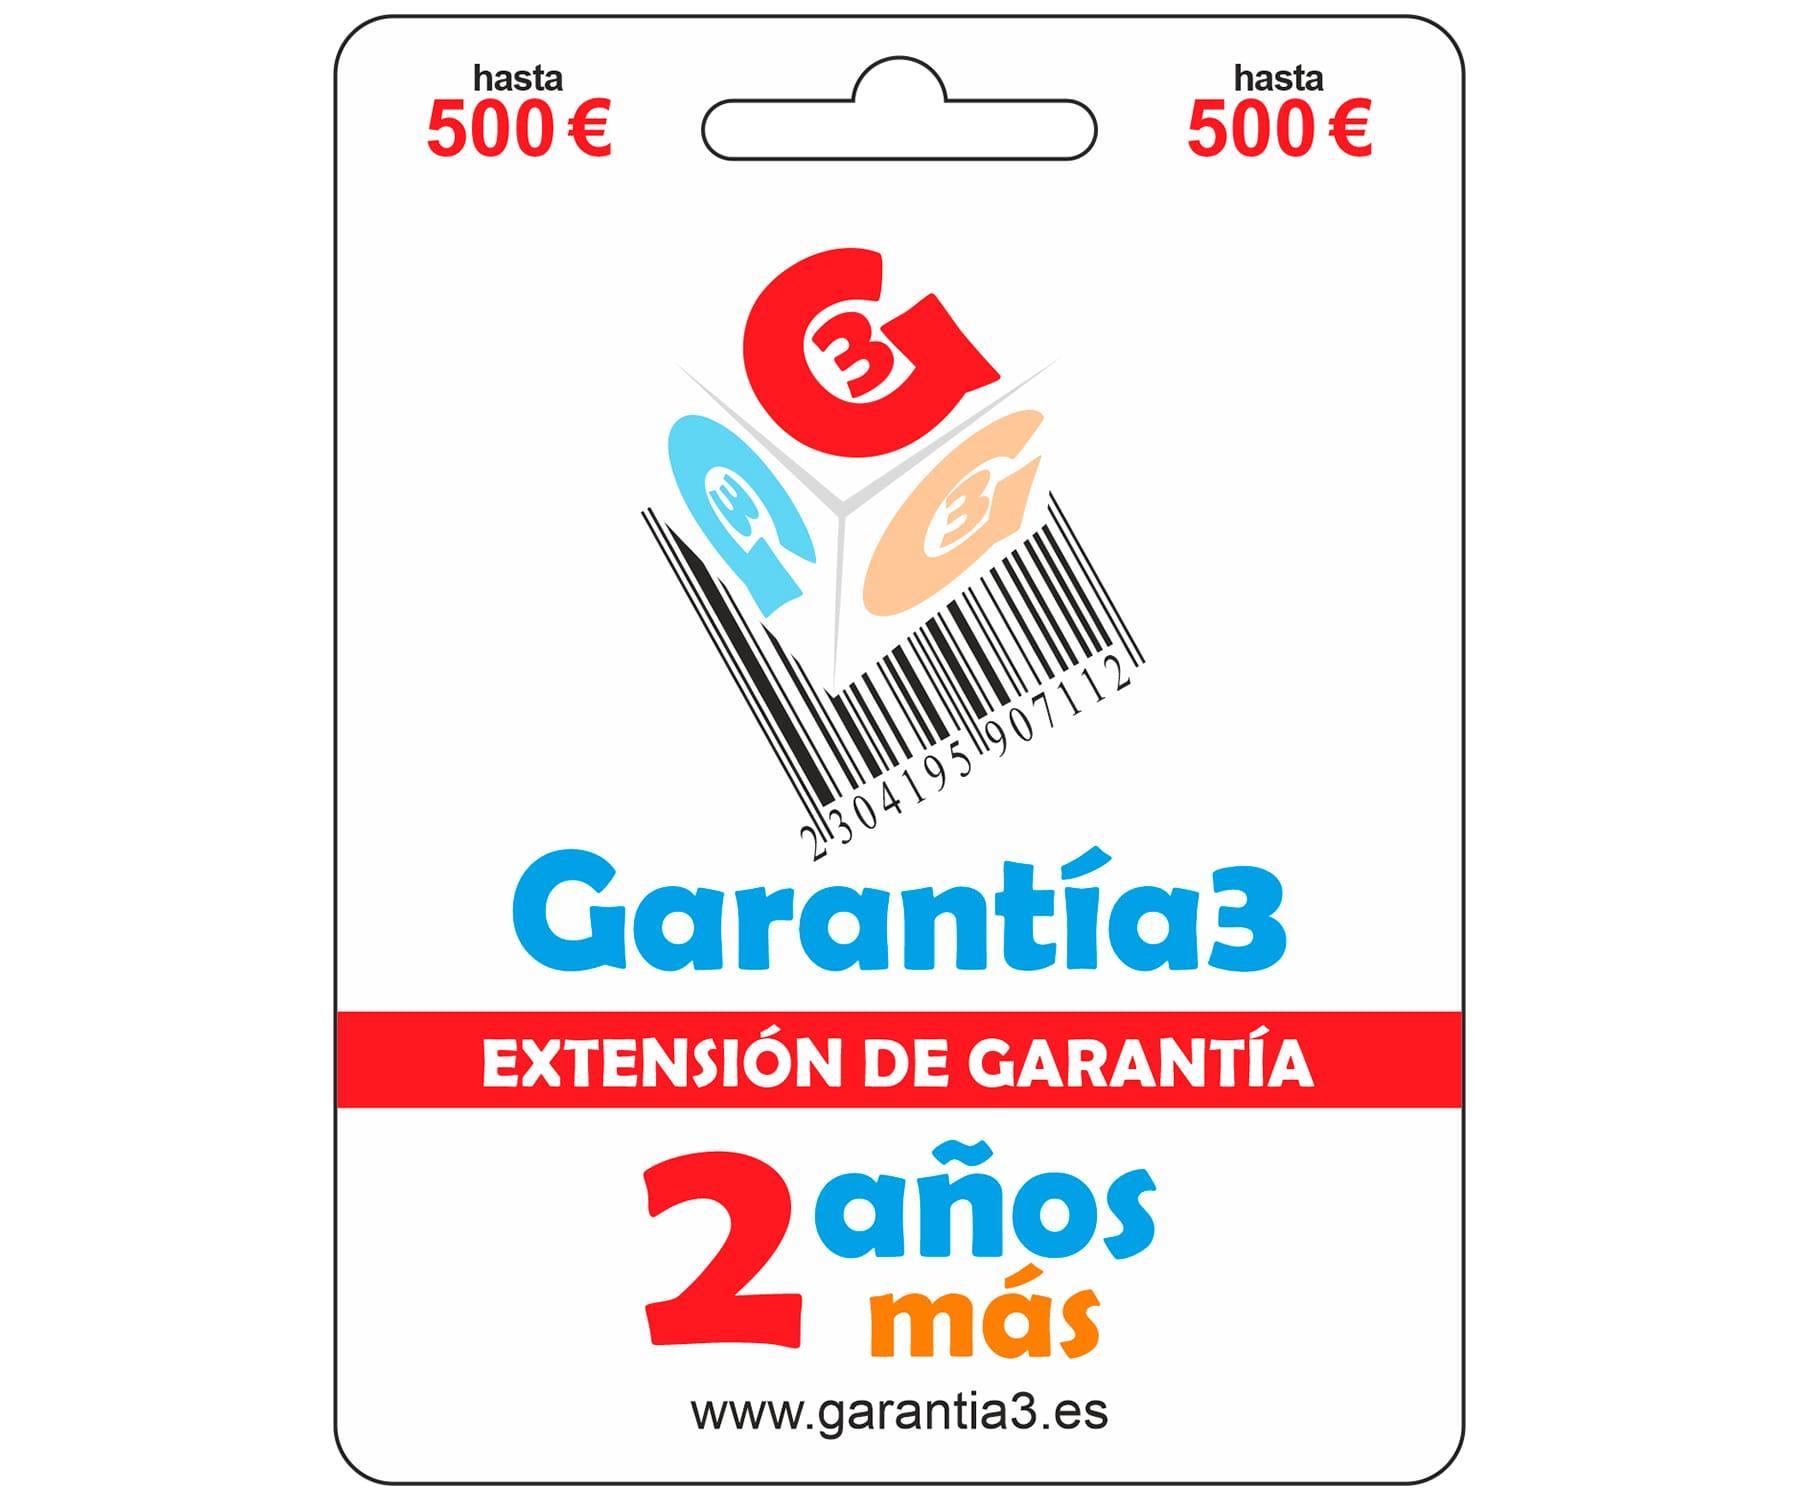 GARANTÍA 3 EXTENSIÓN DE LA GARANTÍA DE 3 AÑOS A LA GARANTÍA OFICIAL CON COBERTURA DE 500€